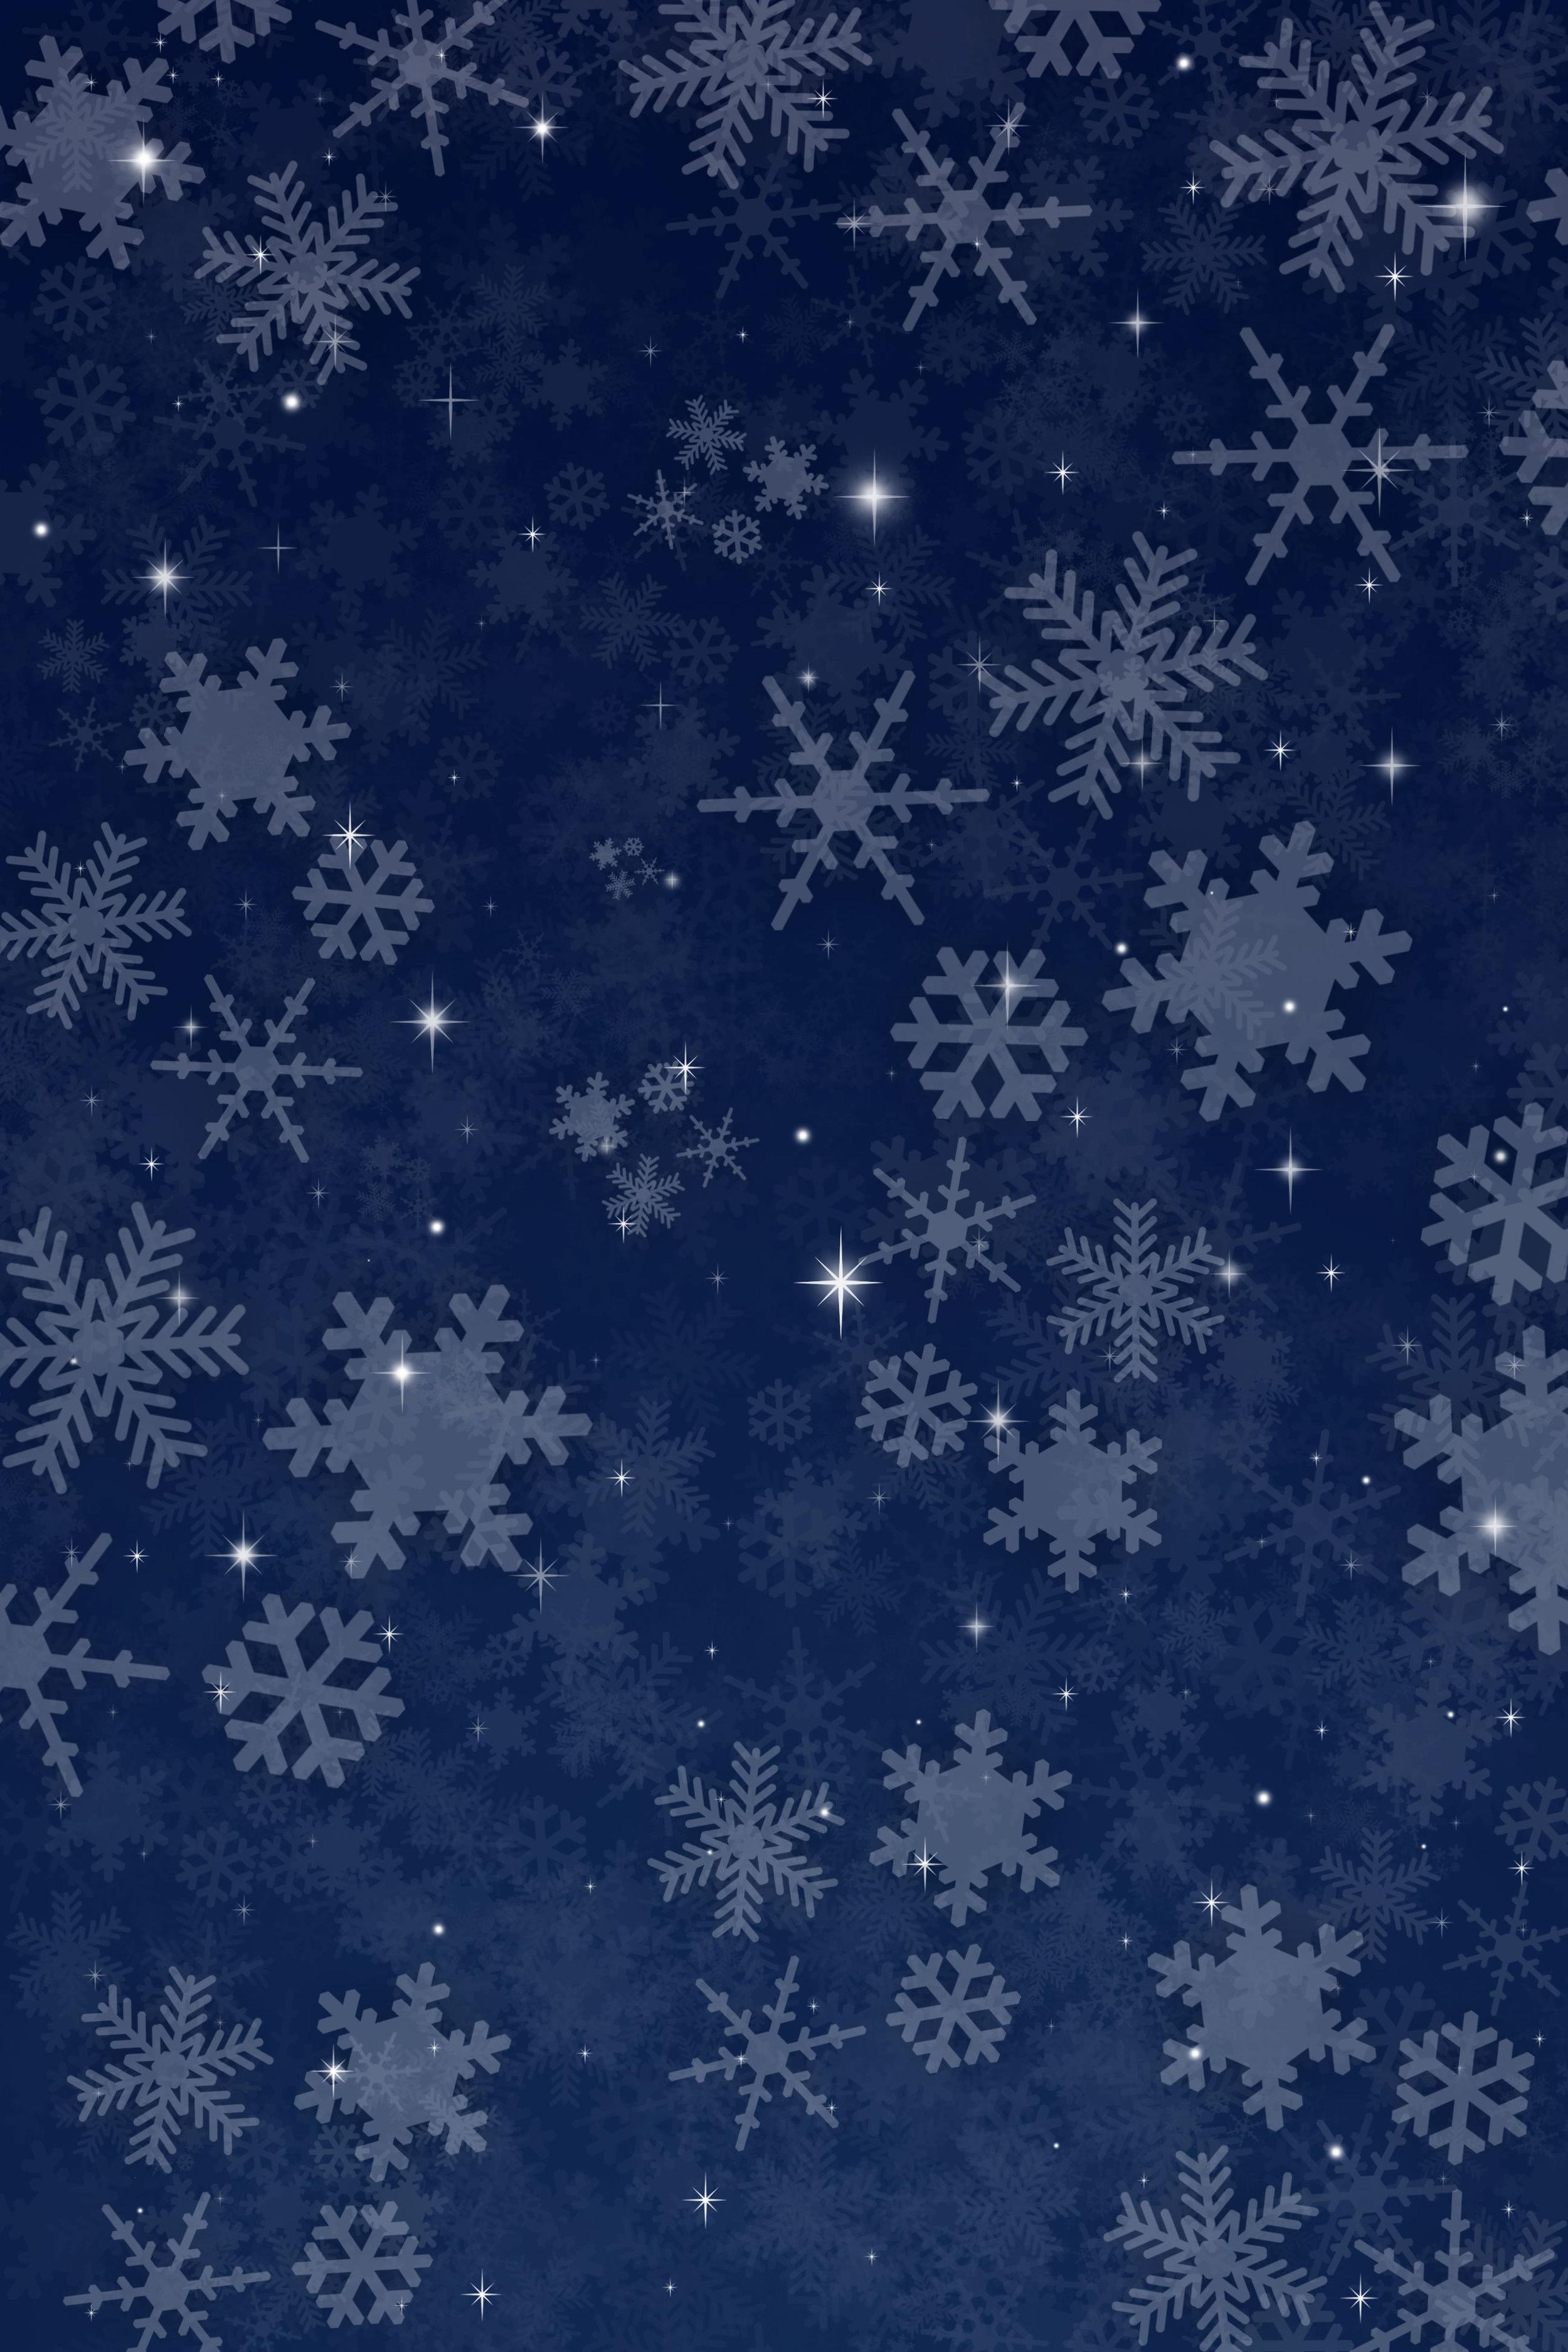 bd_snowflakes.jpg